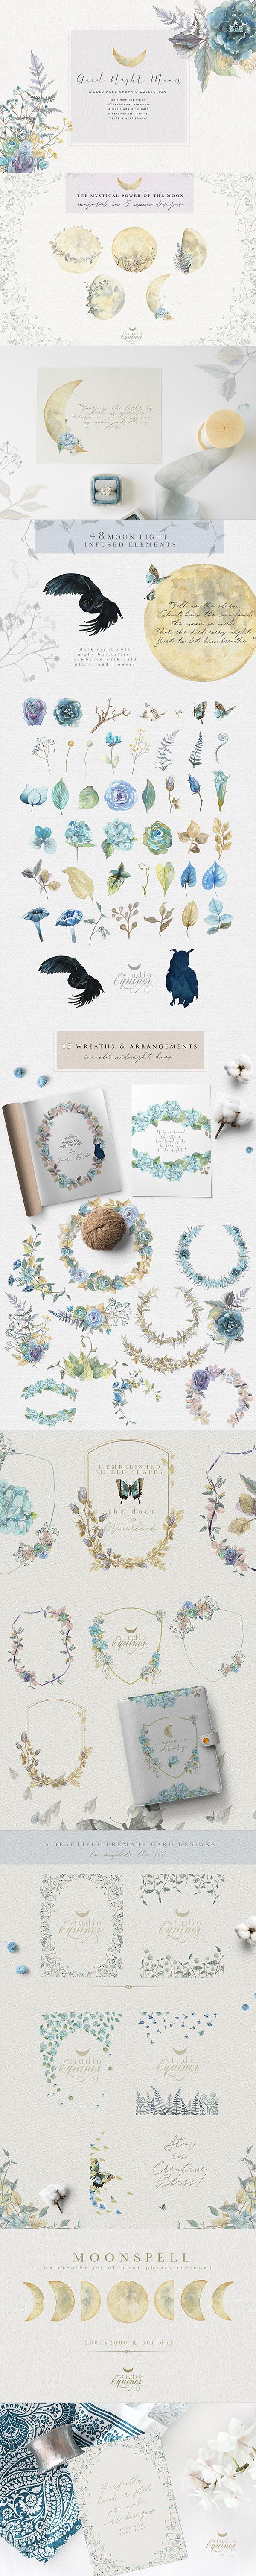 手绘花卉边框PNG